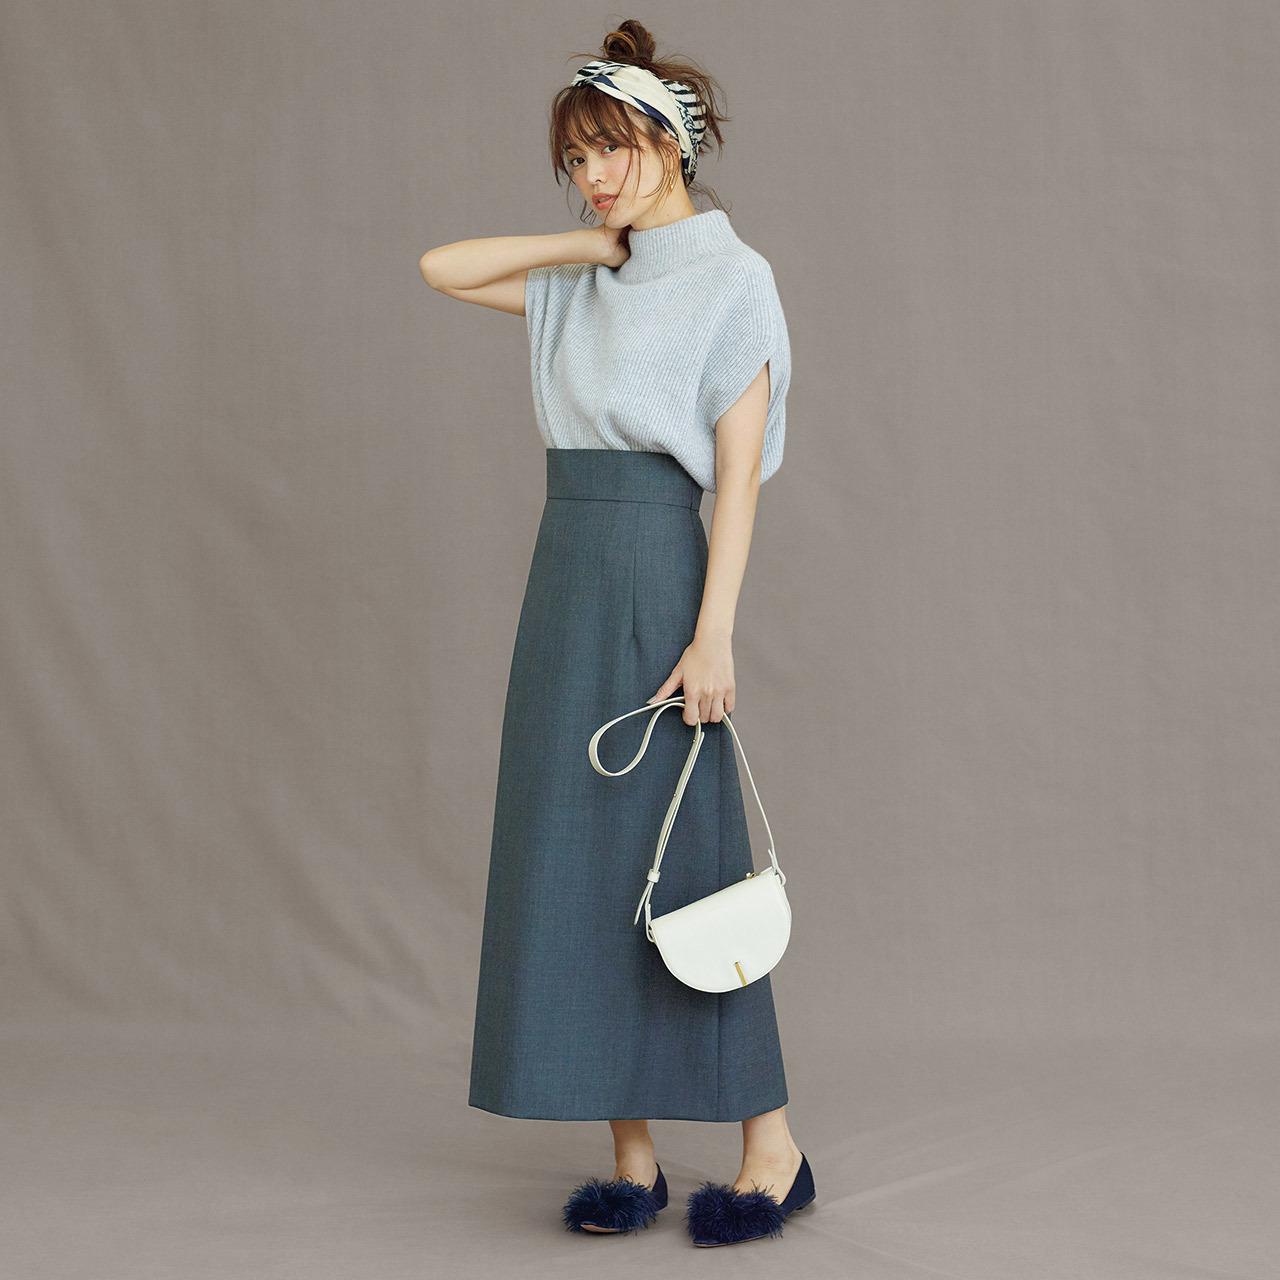 グレーニット×スカートのワントーンコーデ